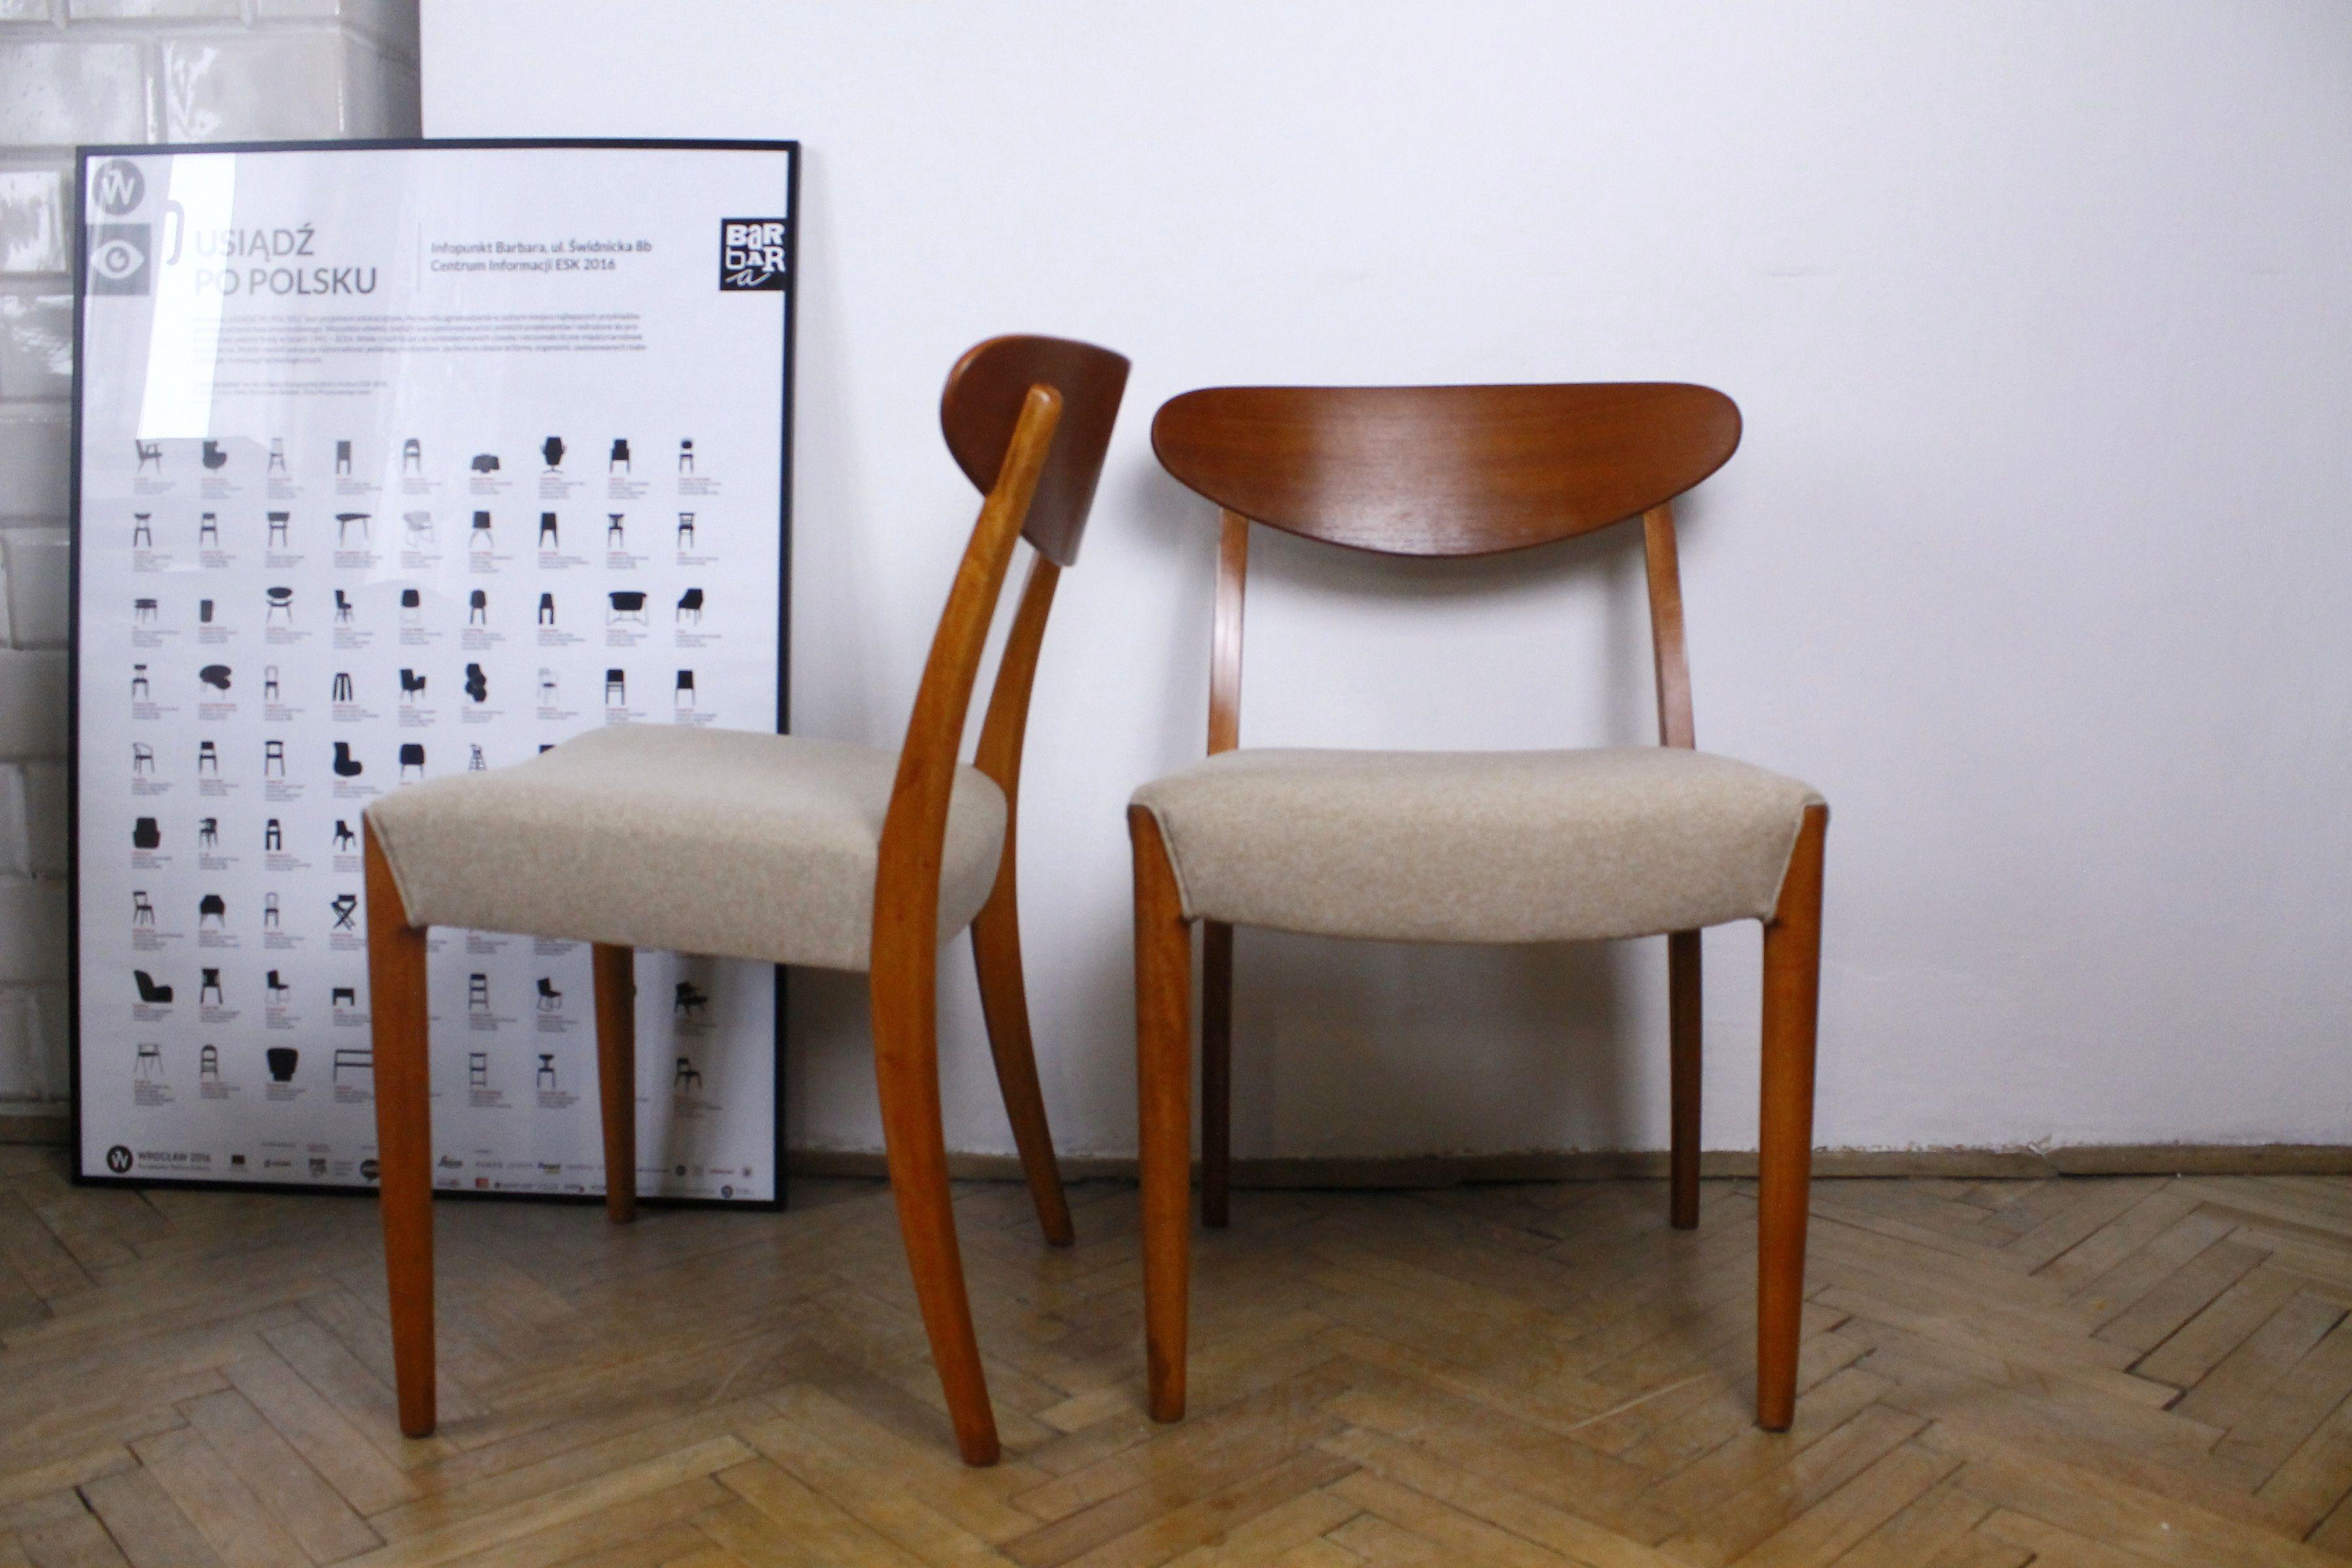 2 Krzesla Lata 50 Mid Century Modern Design Wyjatkowe Mid Century Modern Design Modern Design Mid Century Modern